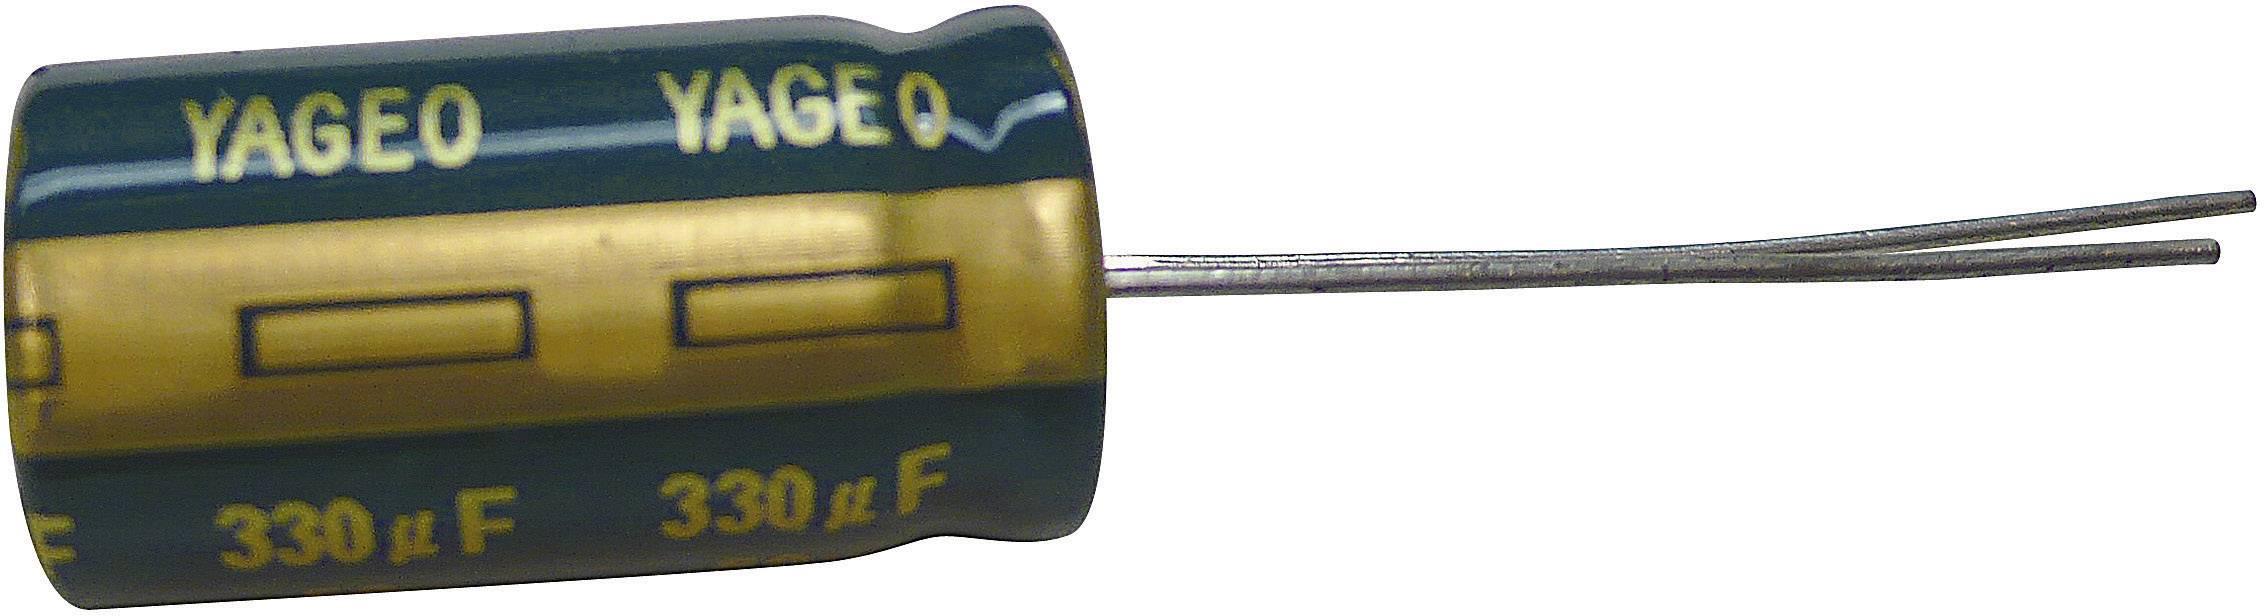 Kondenzátor elektrolytický Yageo SY006M1500B5S-1019, 1500 mF, 6,3 V, 20 %, 19 x 10 mm